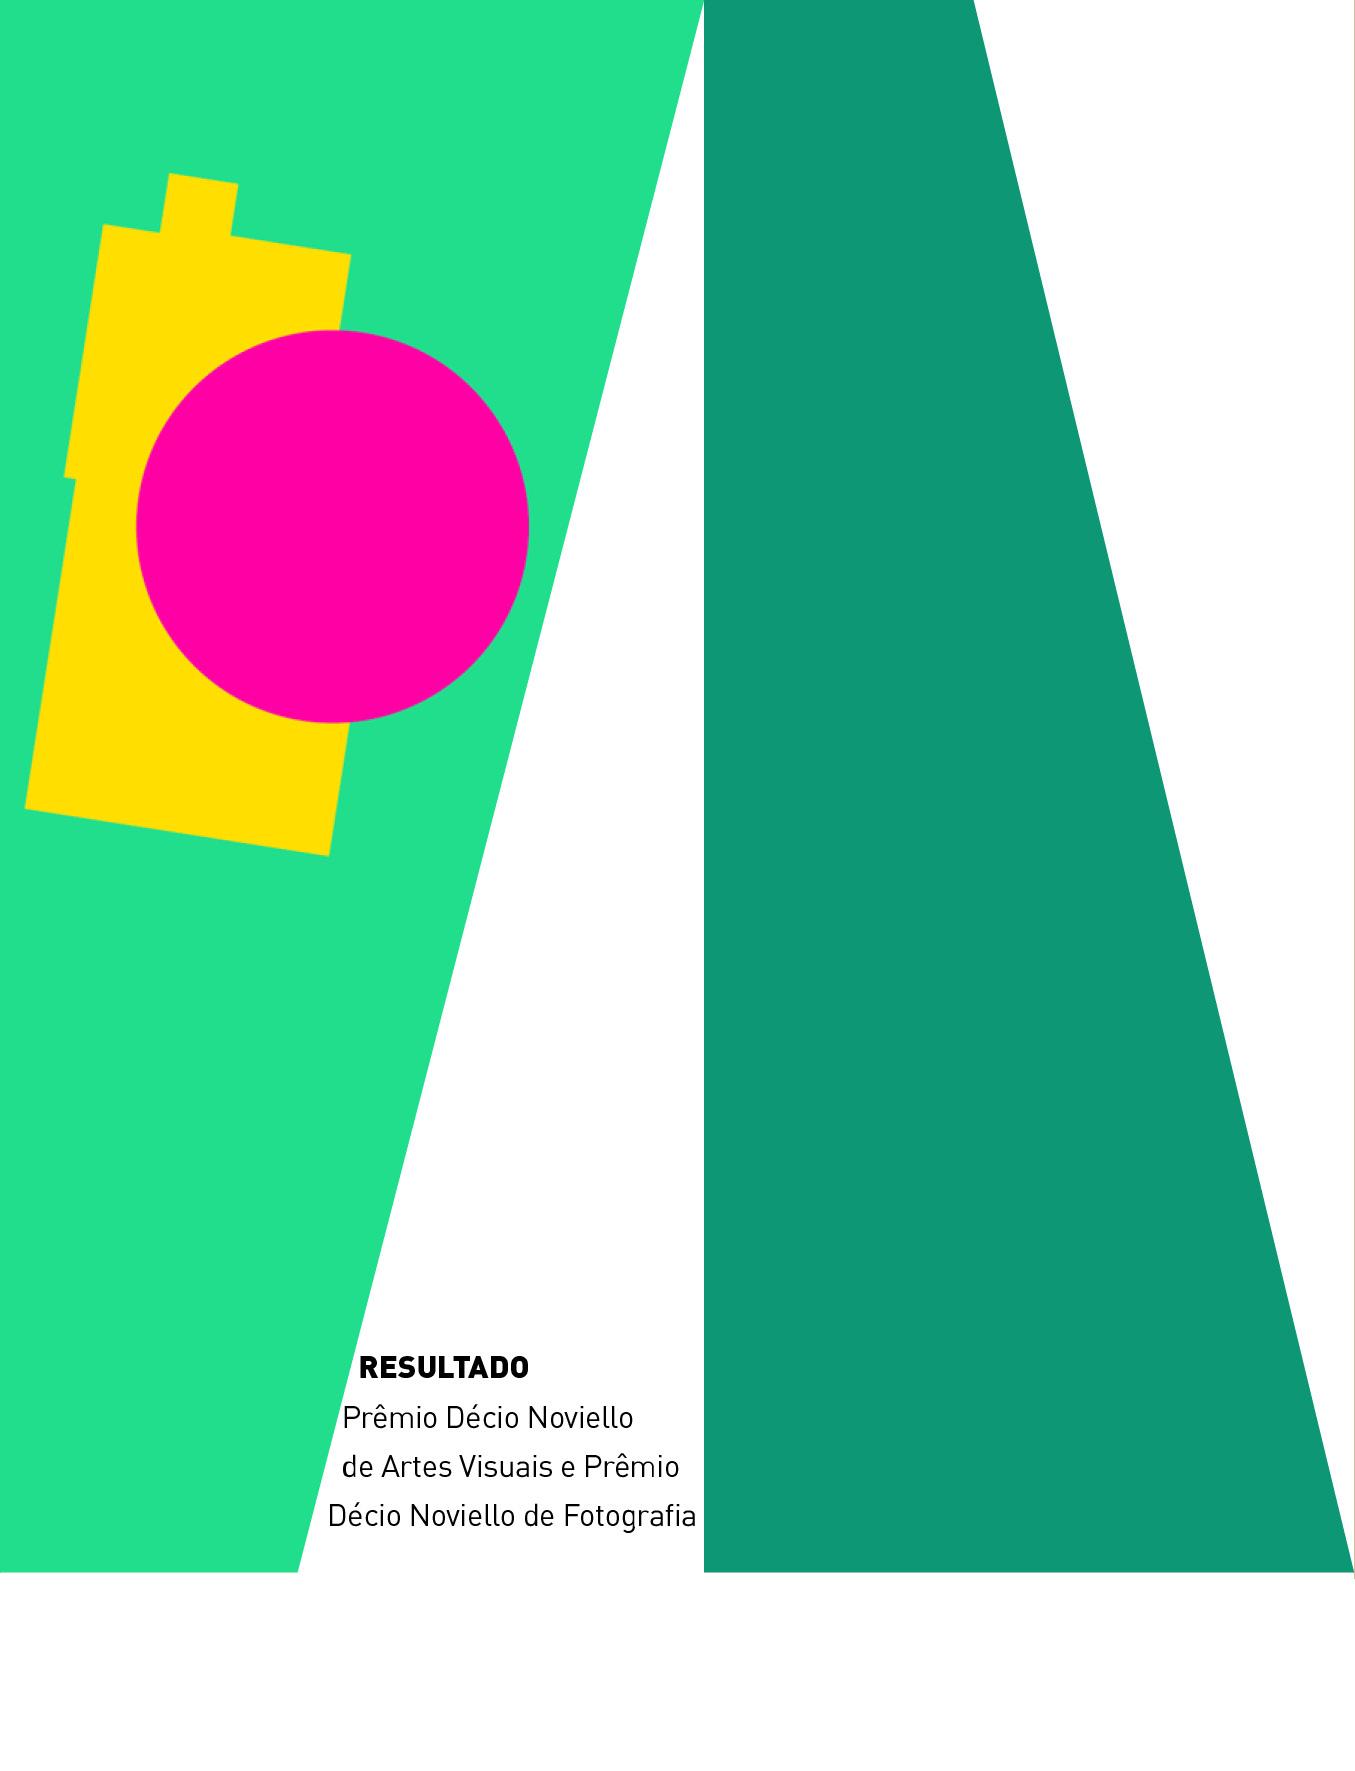 Evento: Resultado | Prêmio Décio Noviello de Artes Visuais e Prêmio Décio Noviello de Fotografia